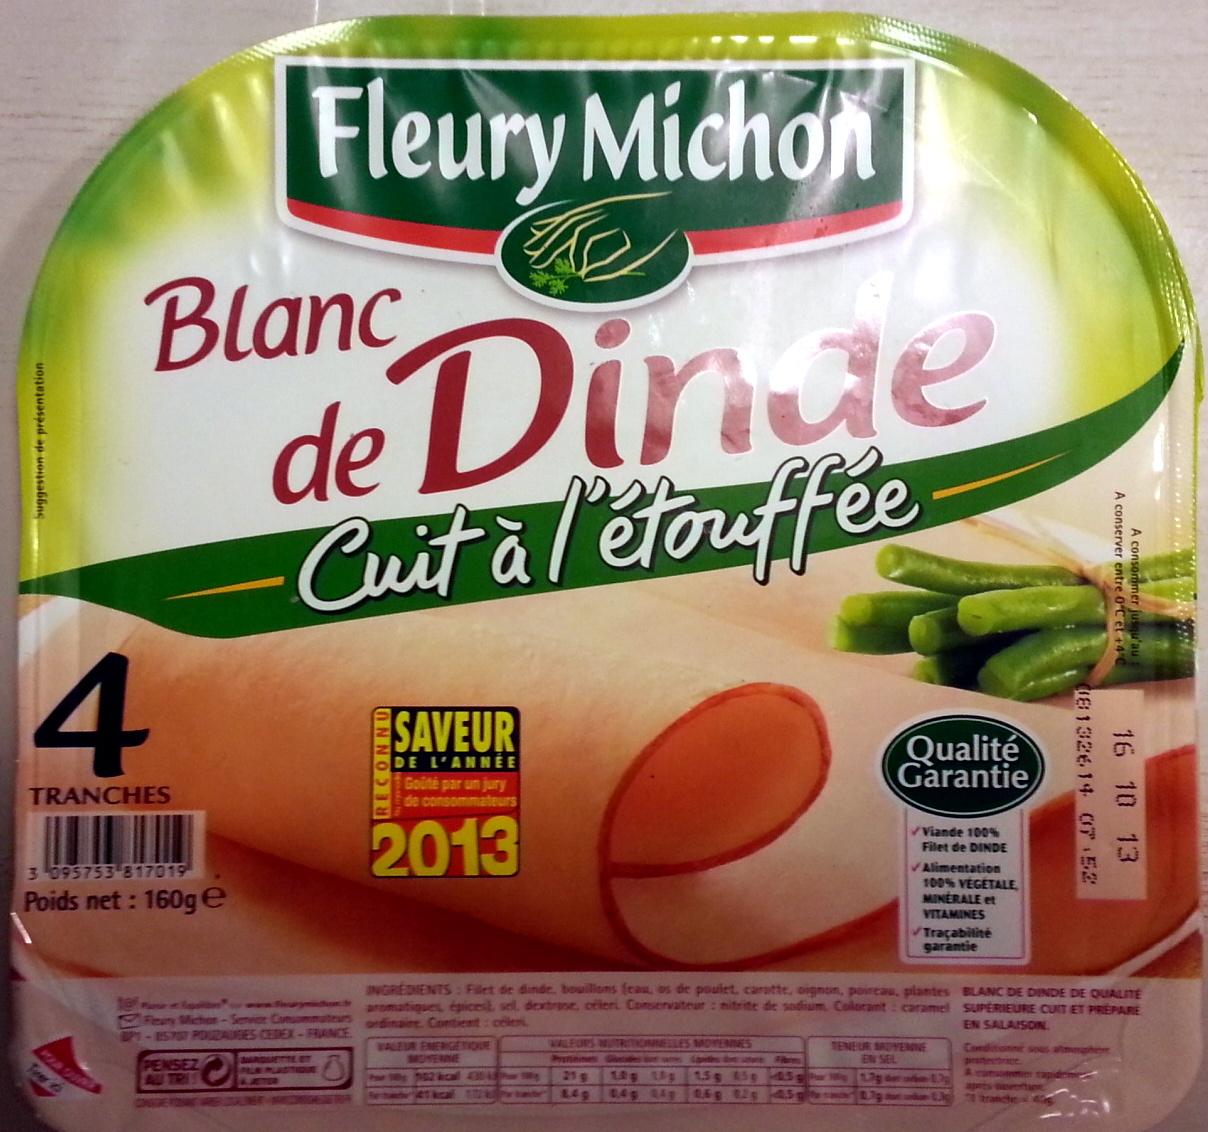 Blanc de dinde cuit l 39 touff e fleury michon 4 - Cuisiner blanc de dinde ...